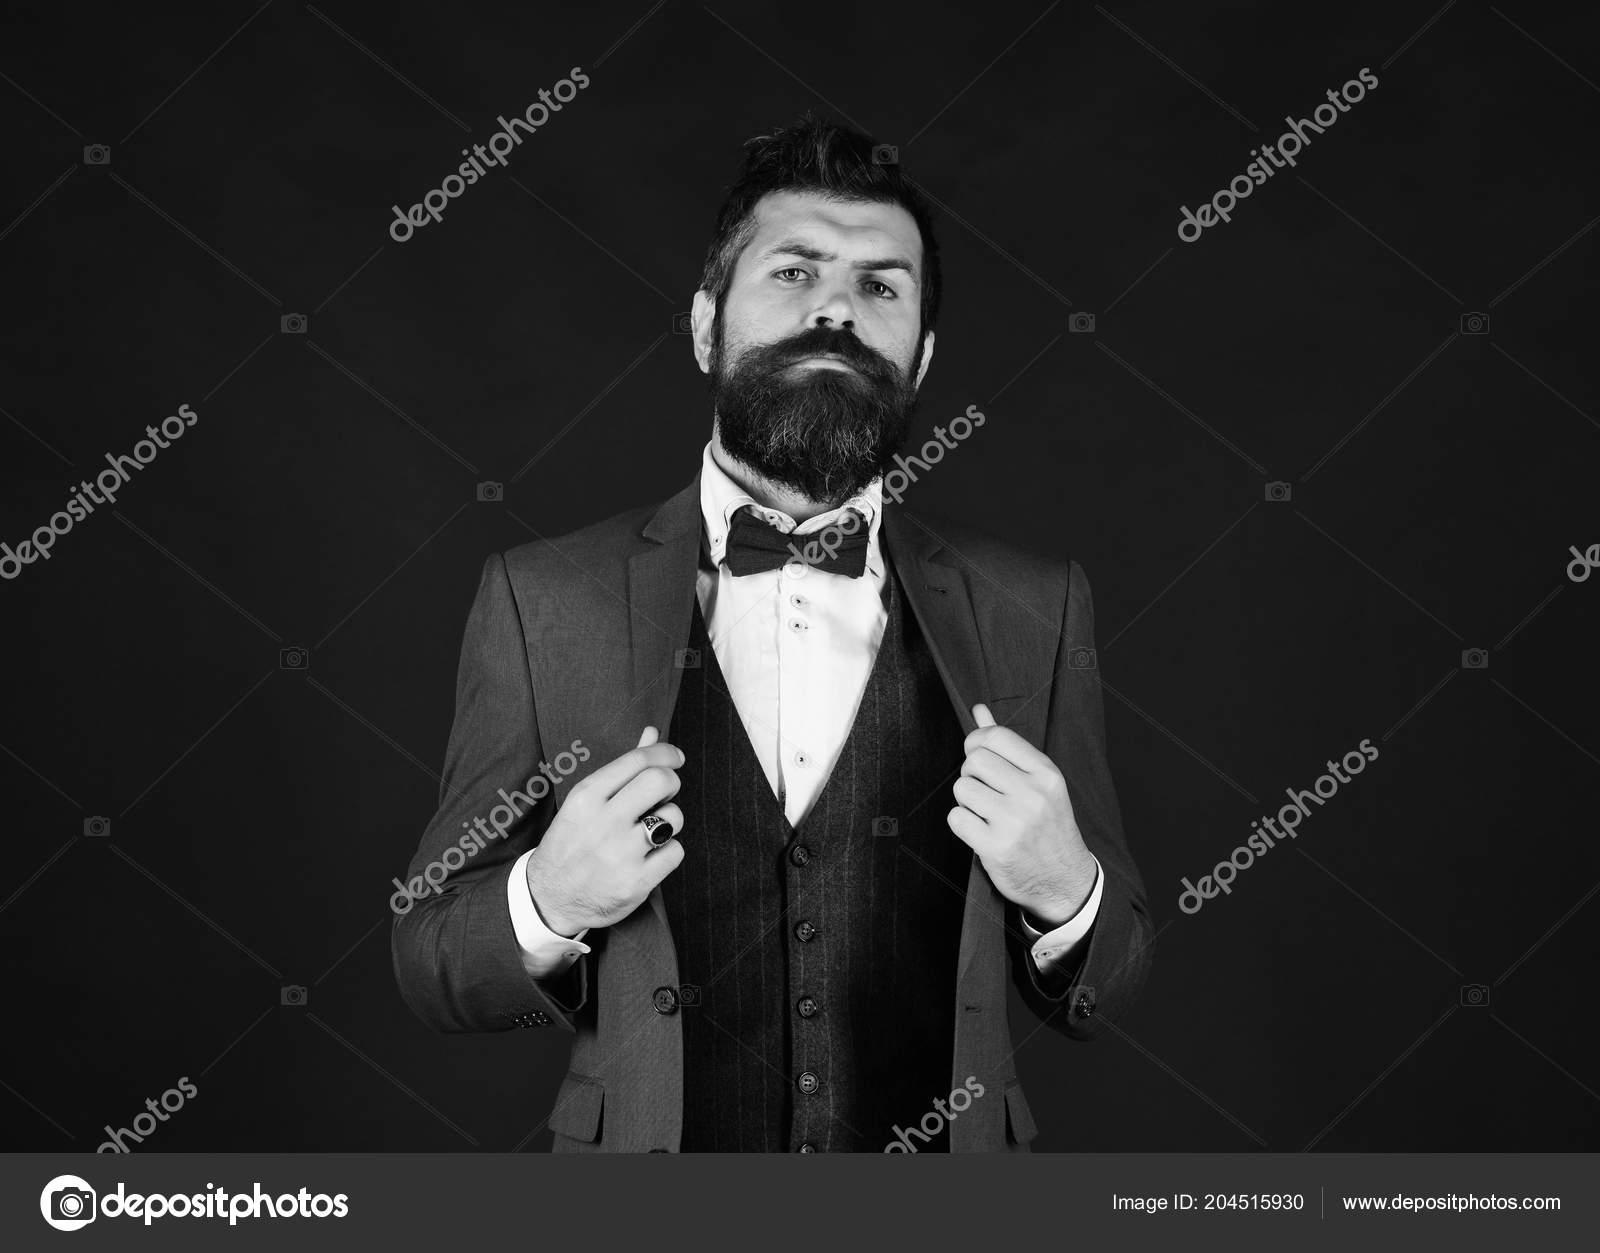 9ced78391099 Uomo d'affari con lieto viso regola giacca. Uomo in vestito elegante retrò  e gilet su fondo marrone. Direttore o imprenditore con elegante barba e  baffi ...